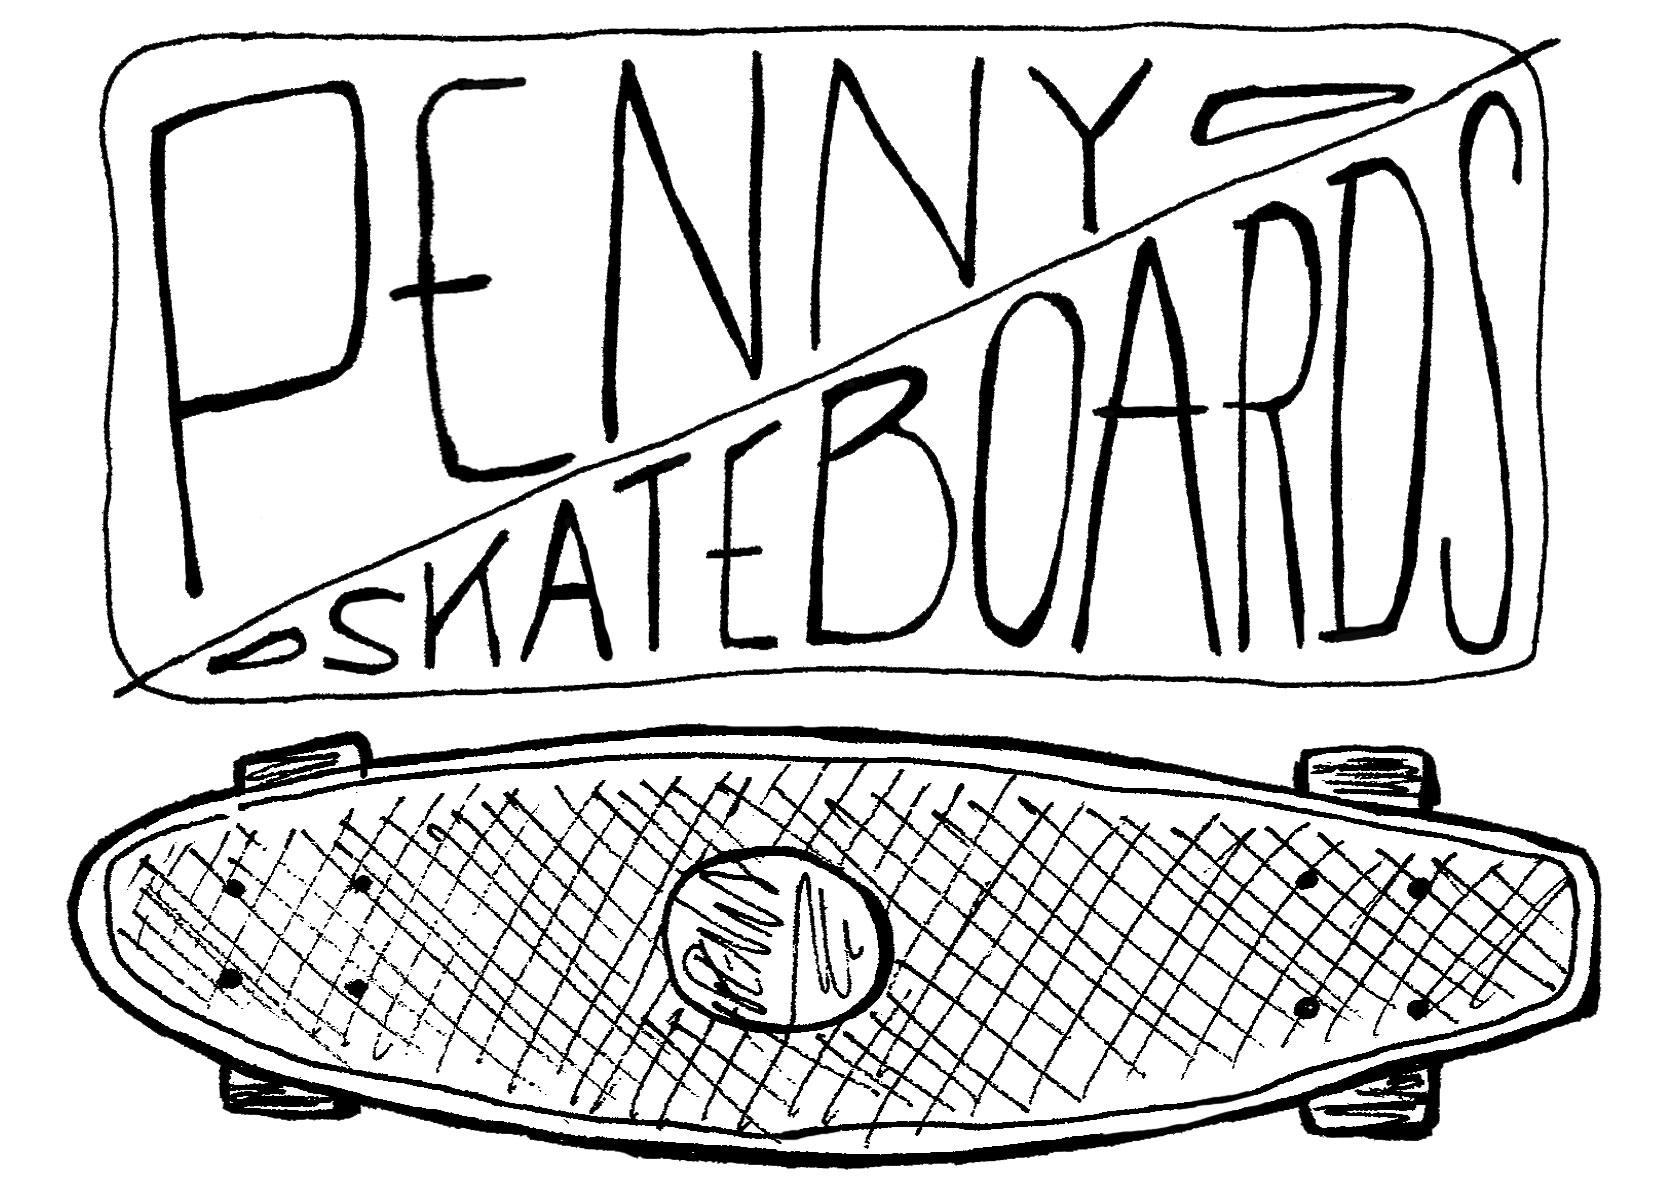 PennyLogo.jpg